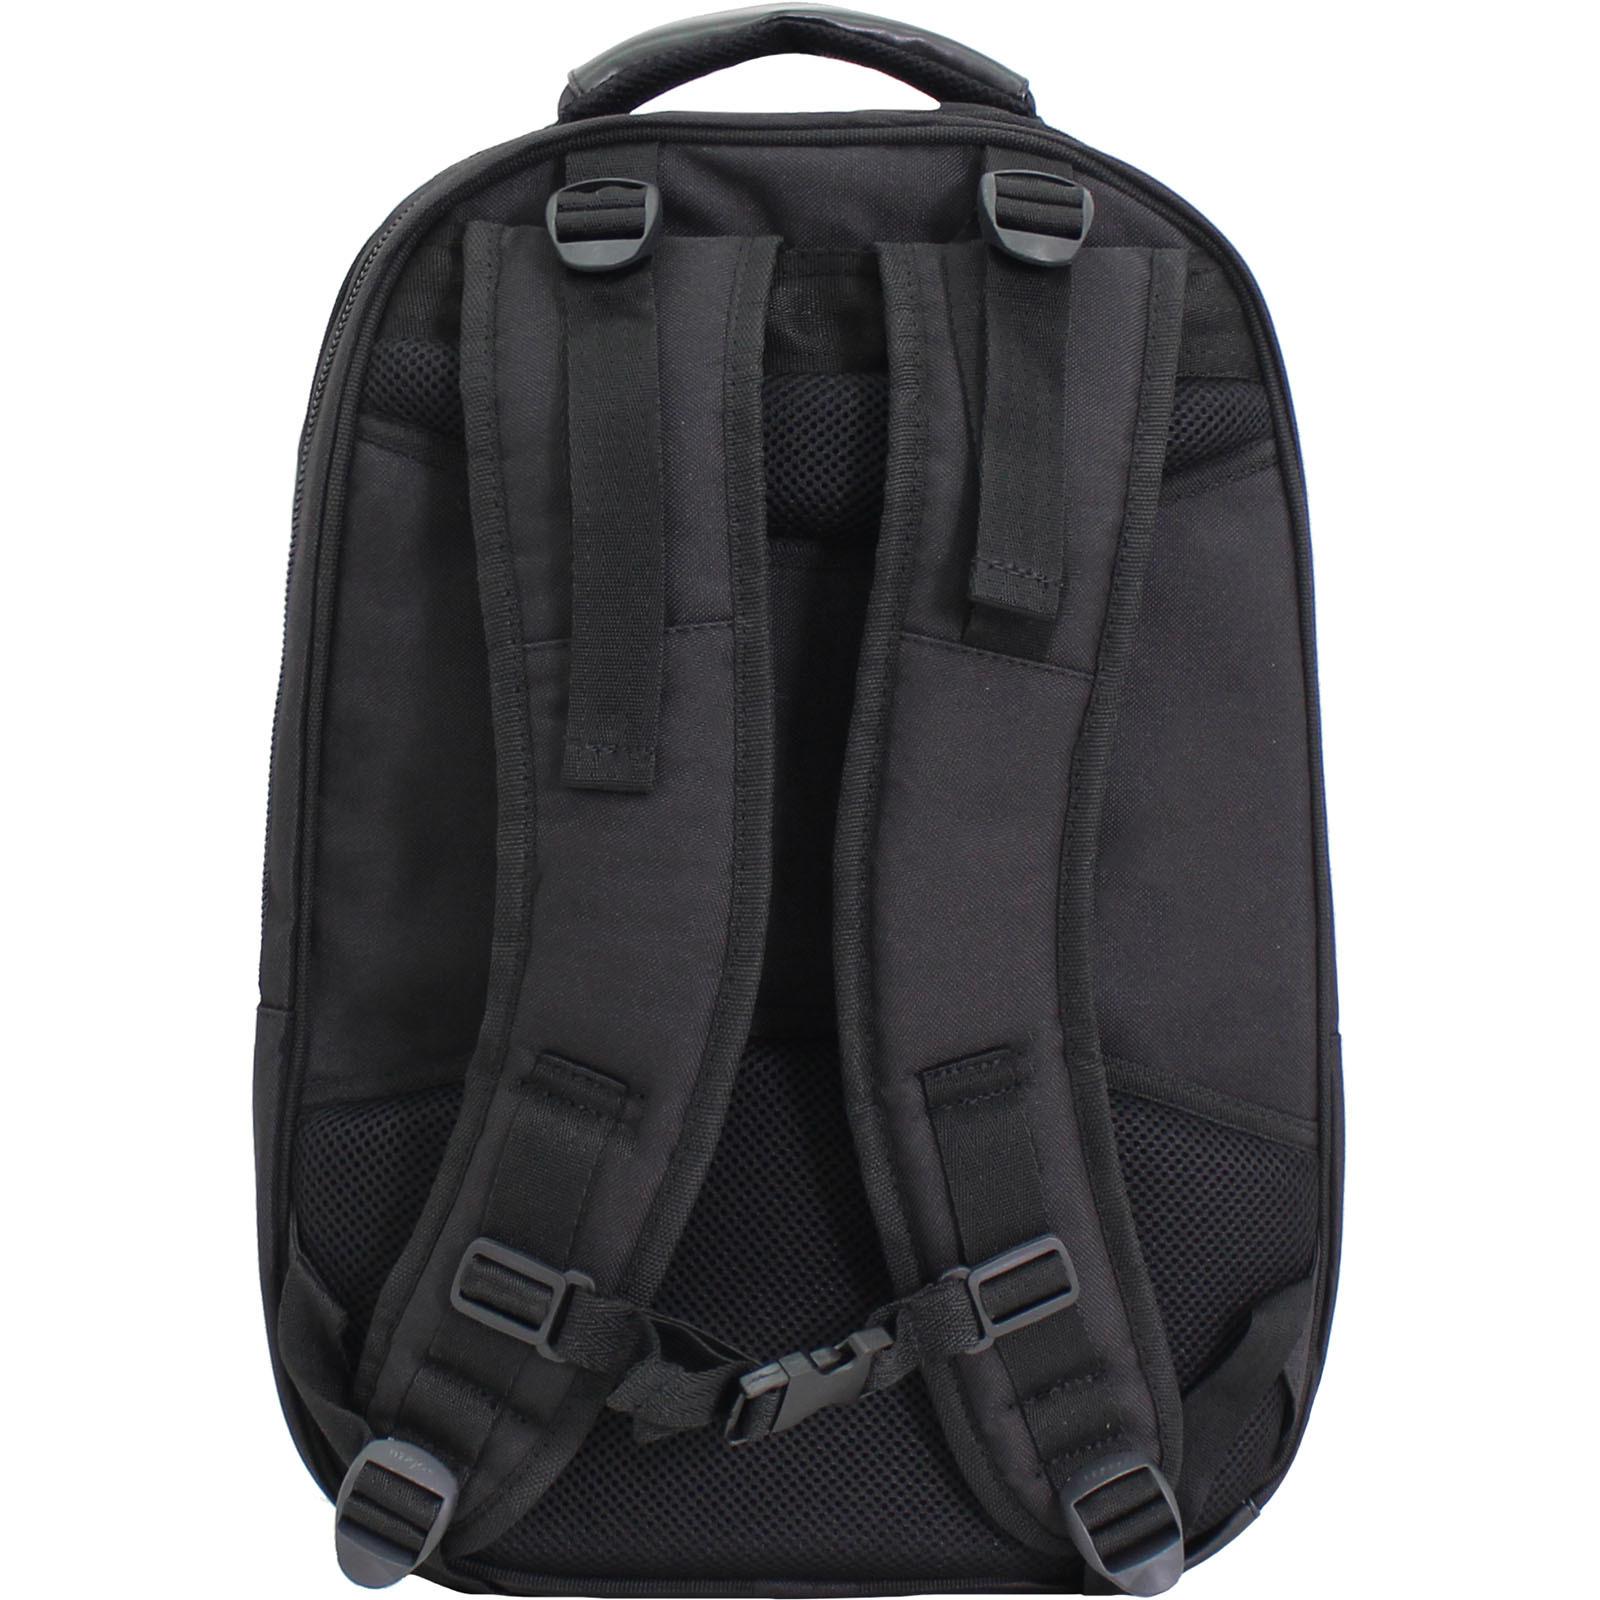 Рюкзак для ноутбука Bagland Рюкзак под ноутбук 536 22 л. Черный (0053666) фото 3